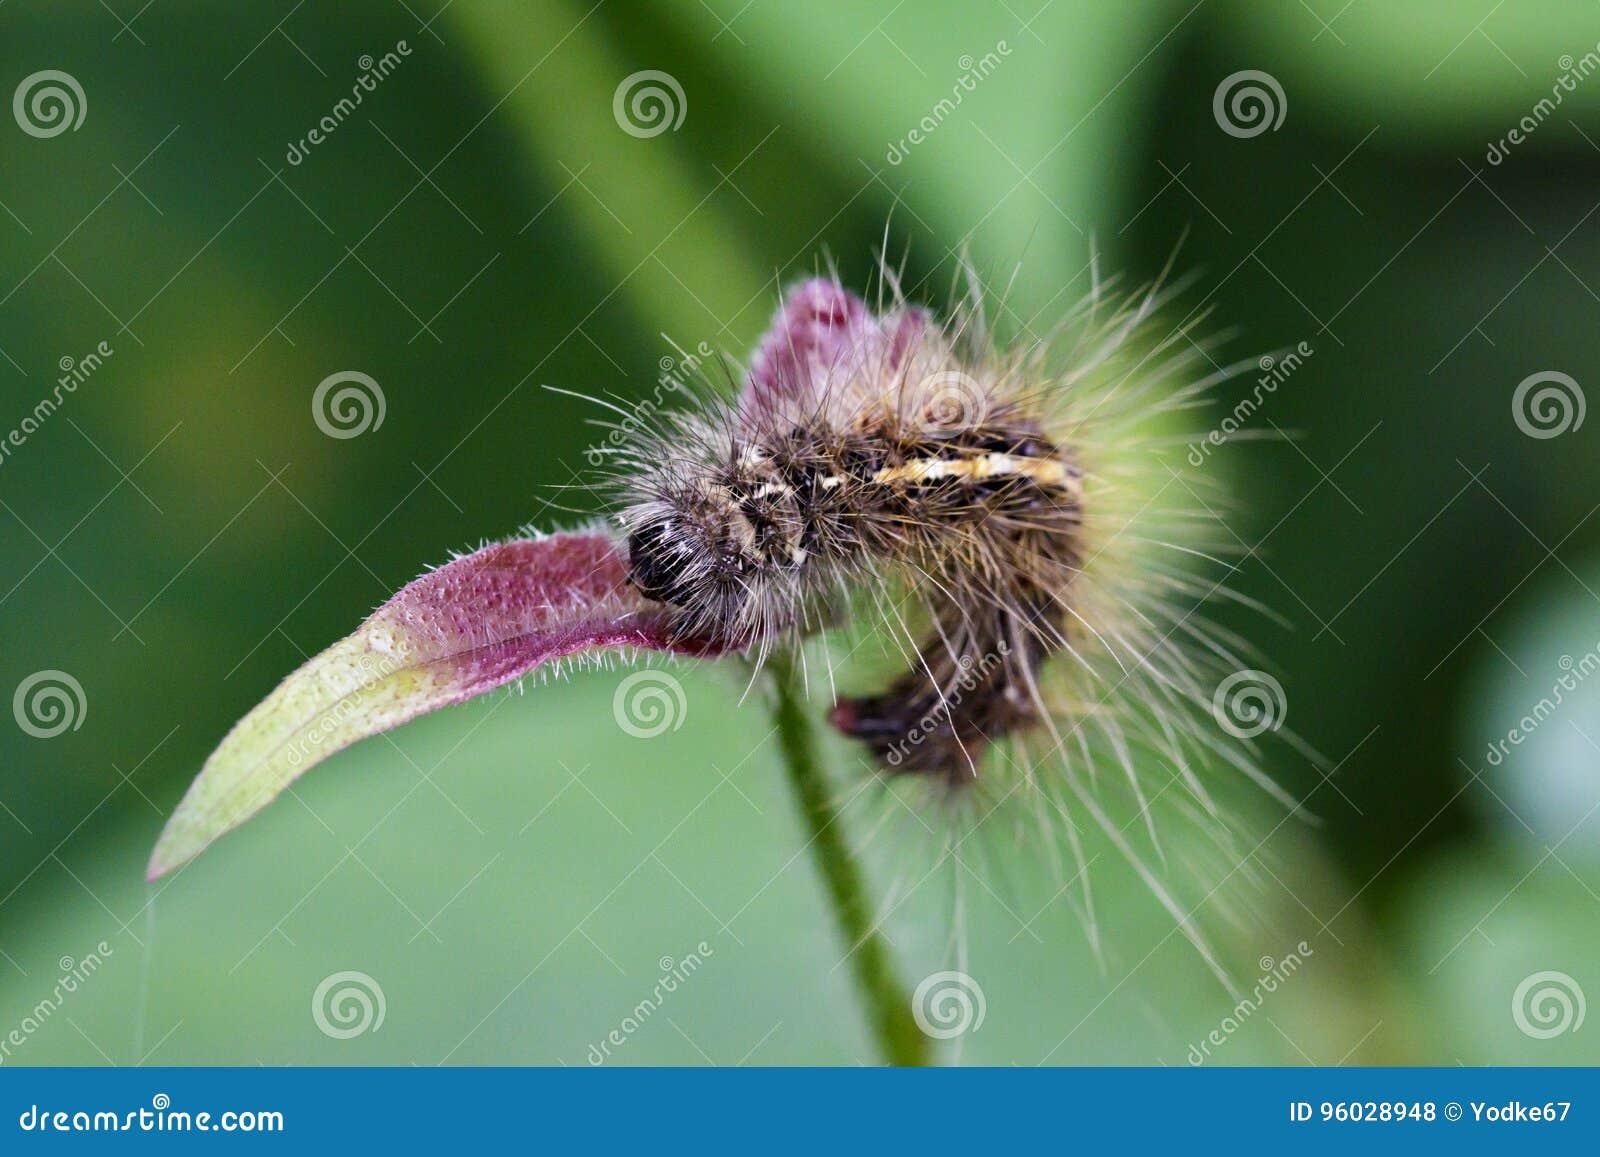 Wizerunek Kosmaty gąsienicowy Eupterote testacea